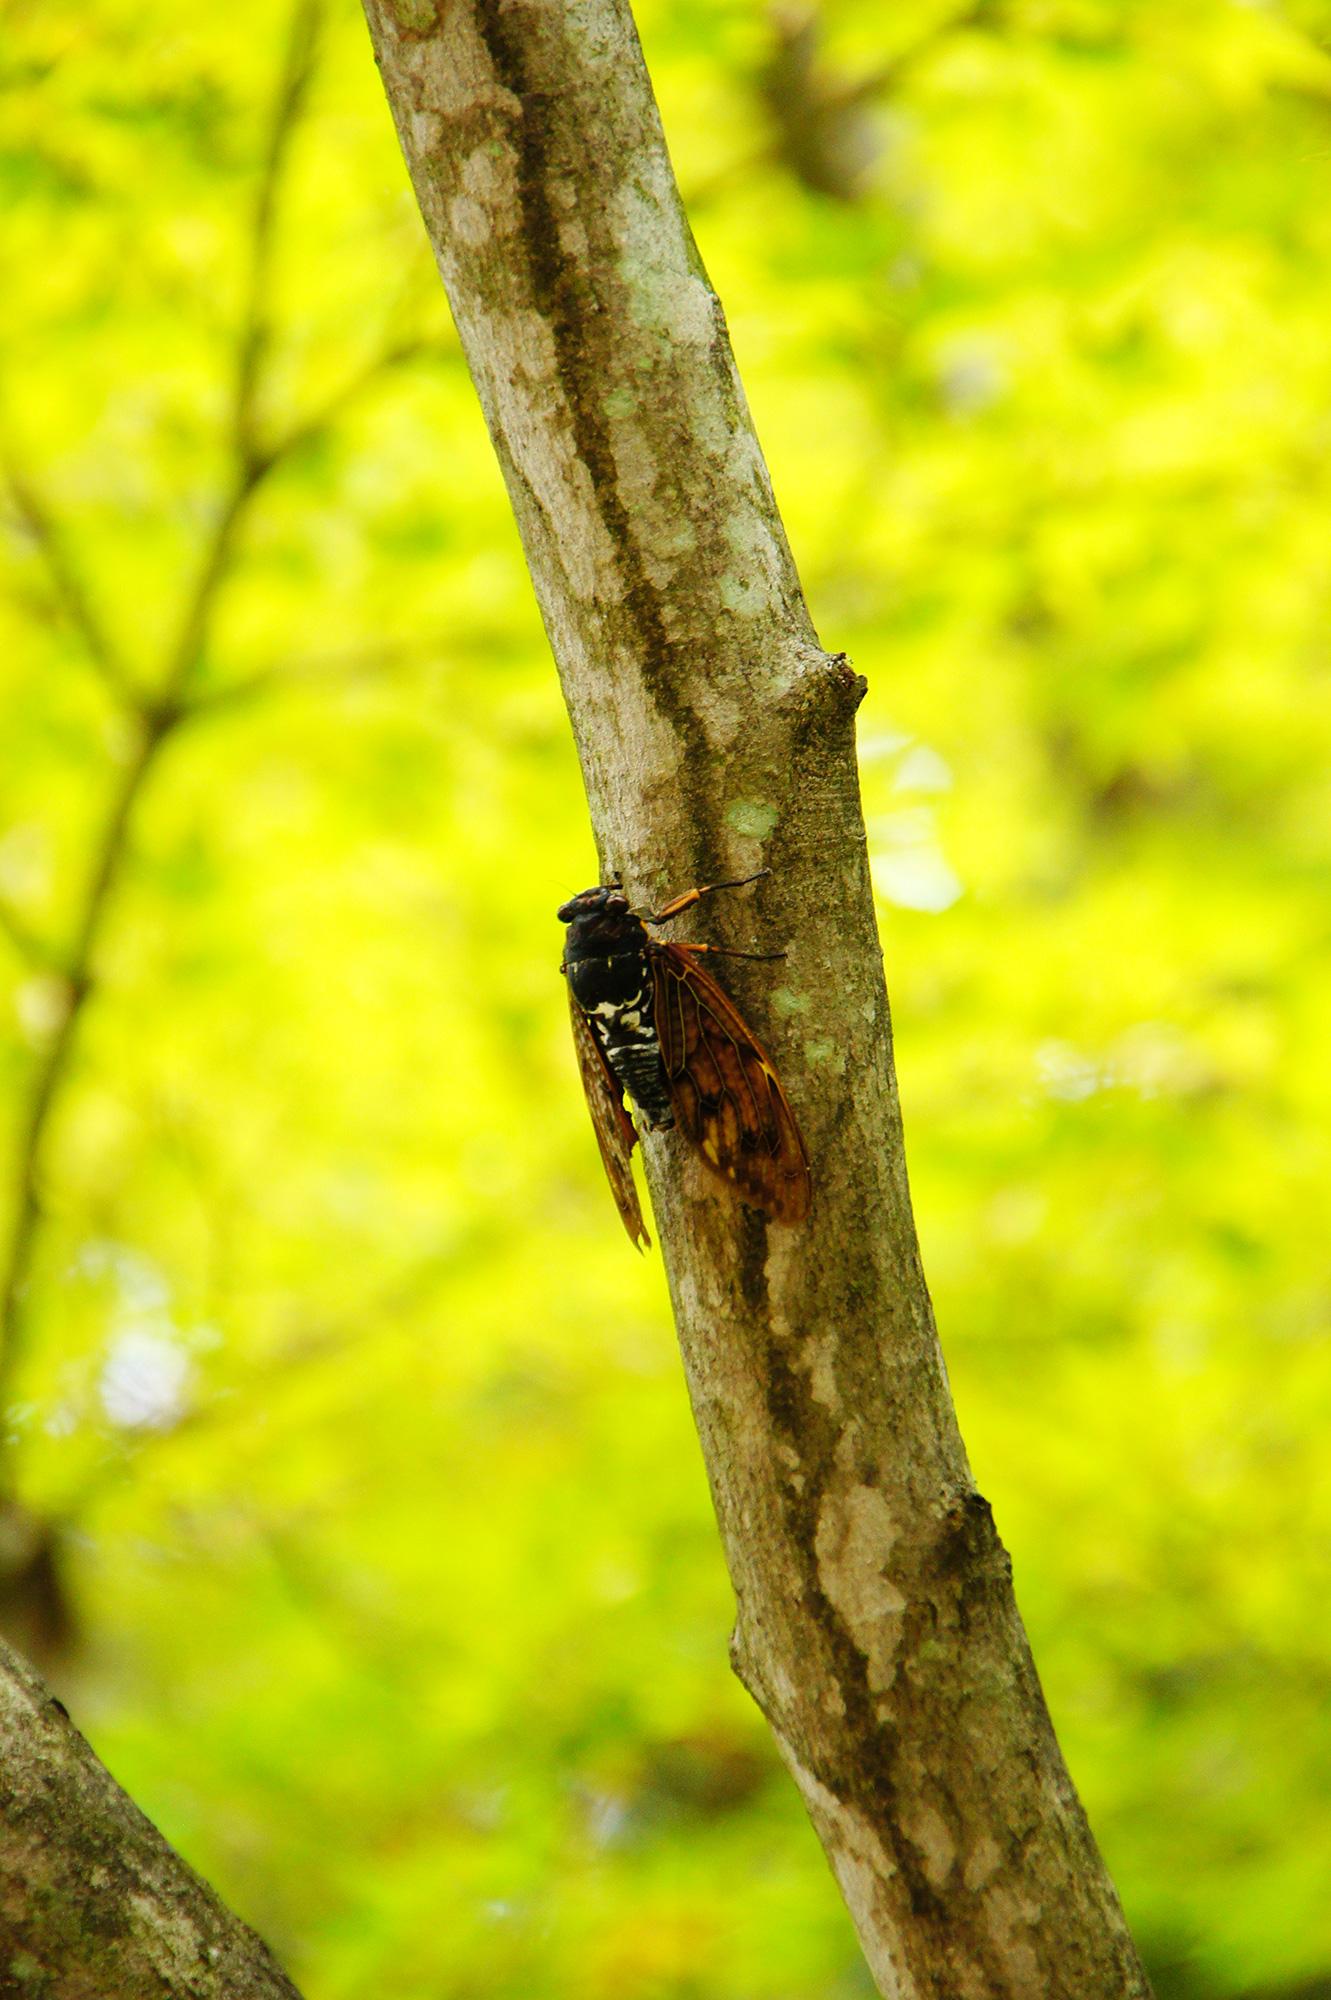 木にとまっている蝉の写真素材(フリー)